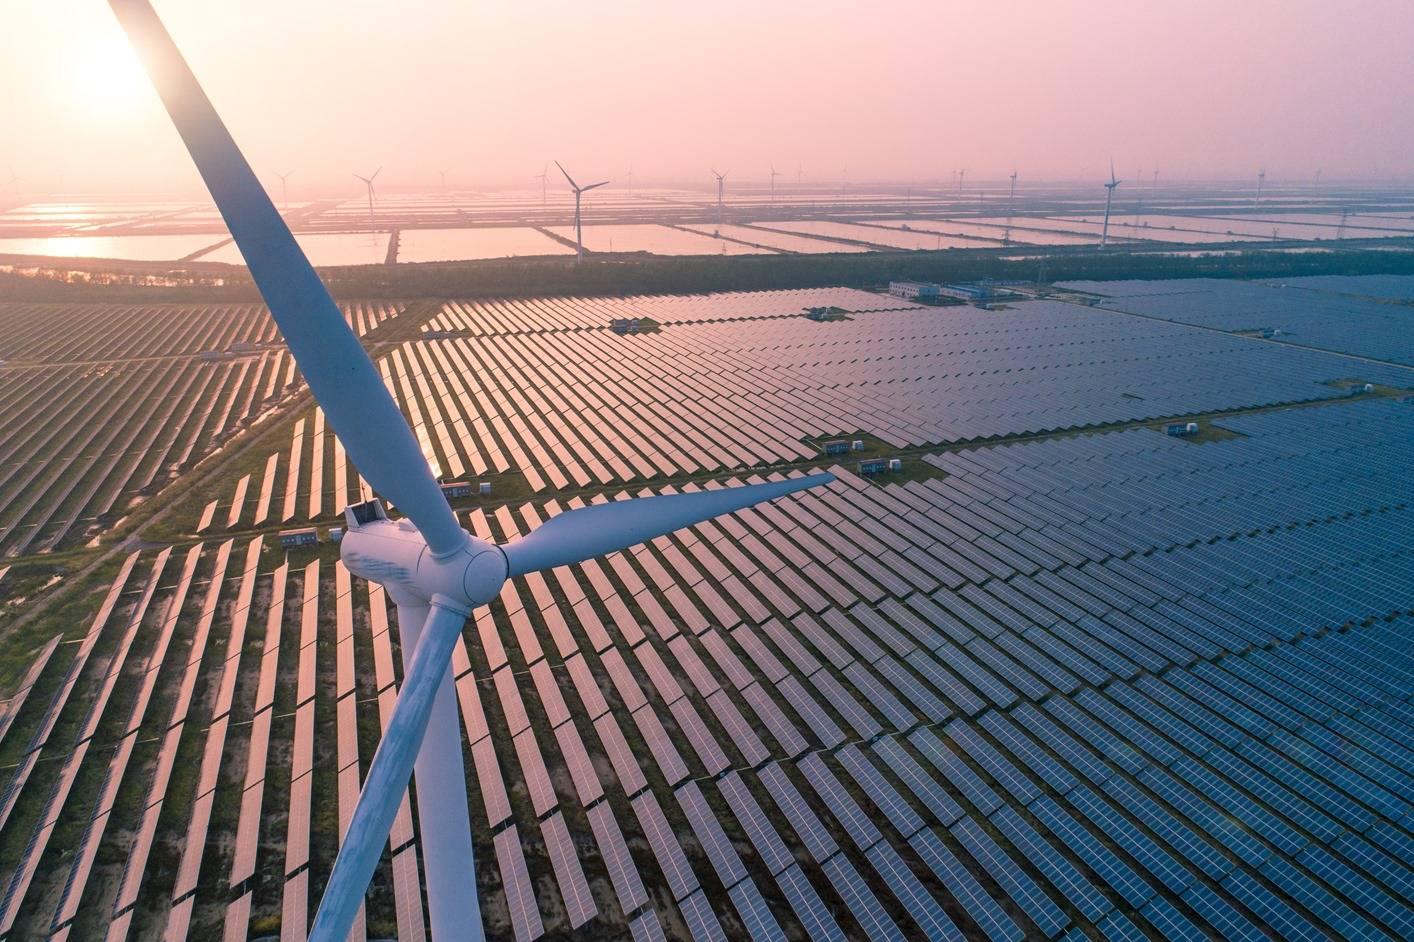 Microsoft Sustainability Calculator помогает предприятиям анализировать выбросы углерода в своей ИТ-инфраструктуре